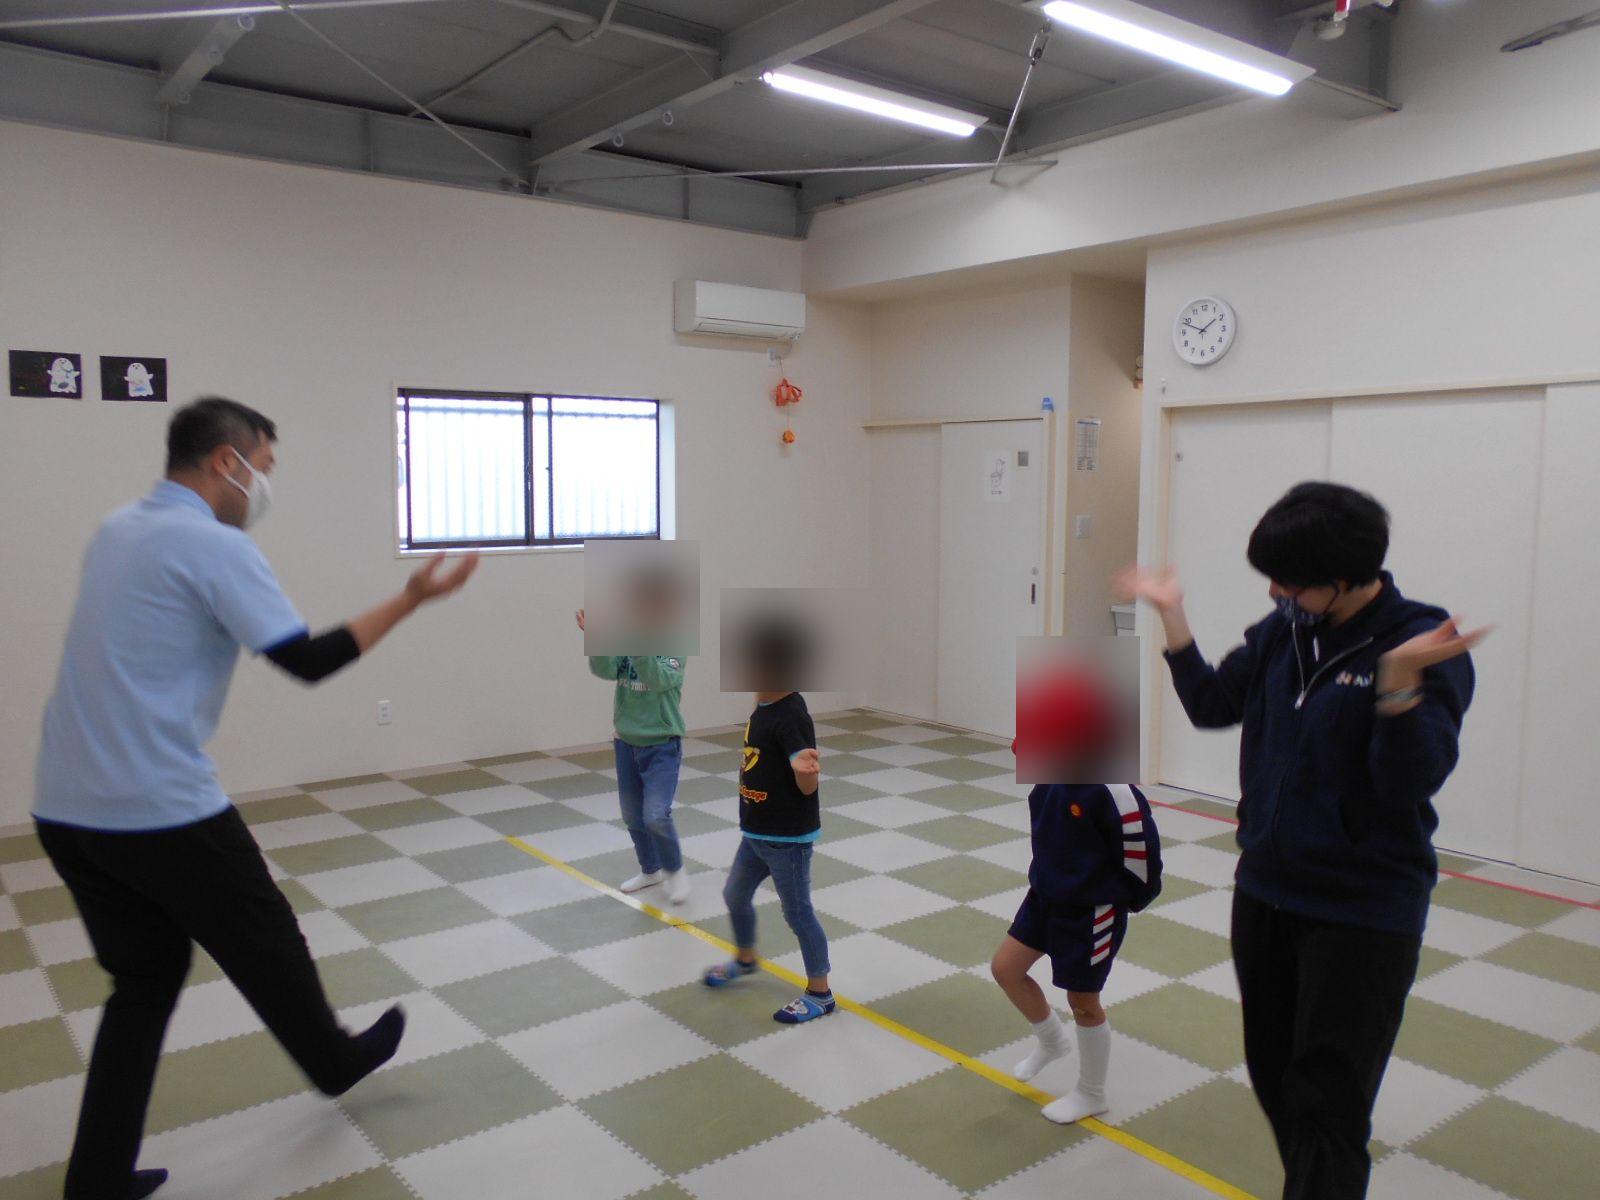 南花田😮運動プログラムの様子( ゚Д゚)